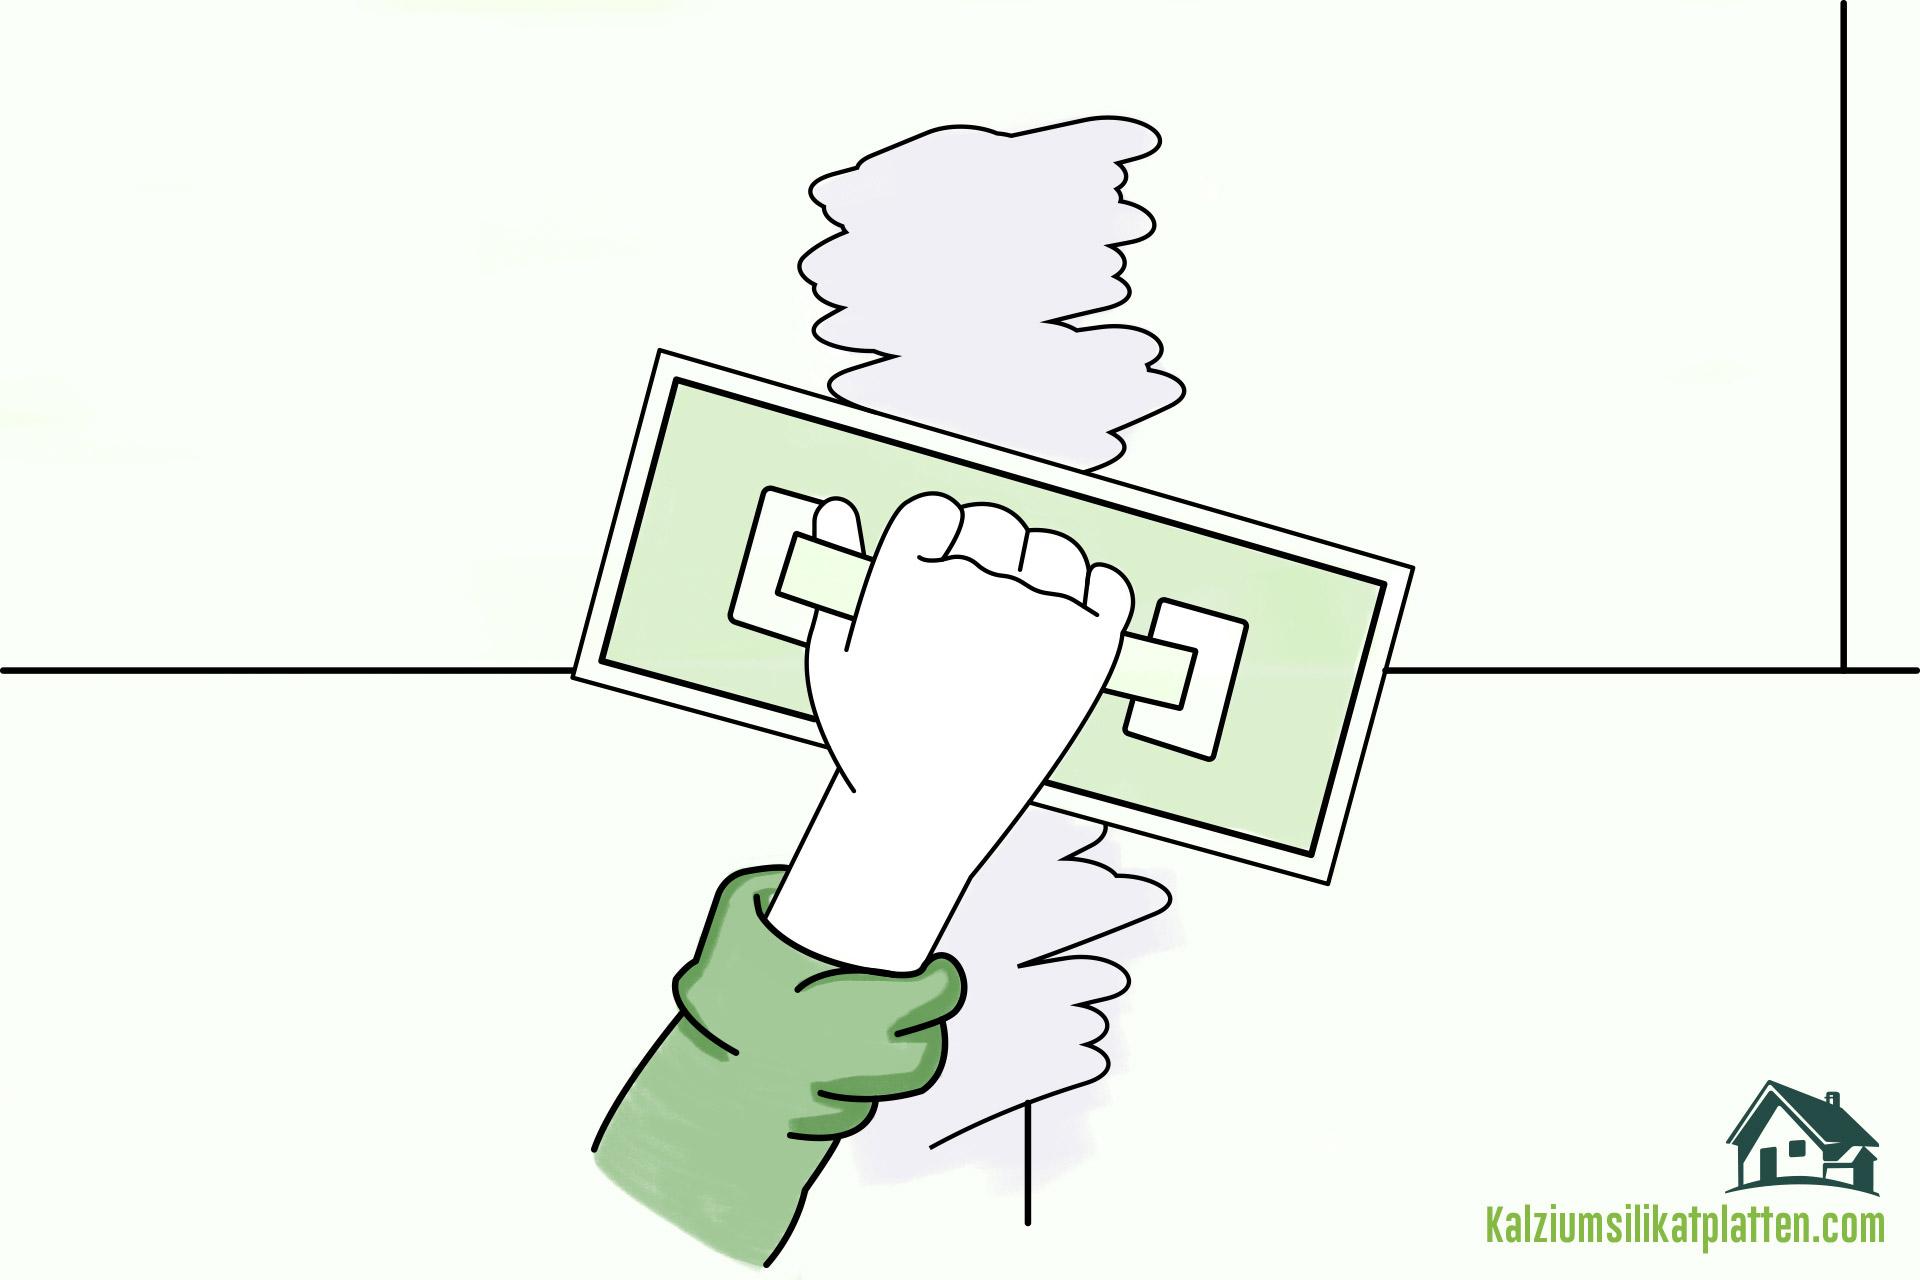 Anleitung zur Verarbeitung von Kalziumsilikatplatten: Fugen verspachteln